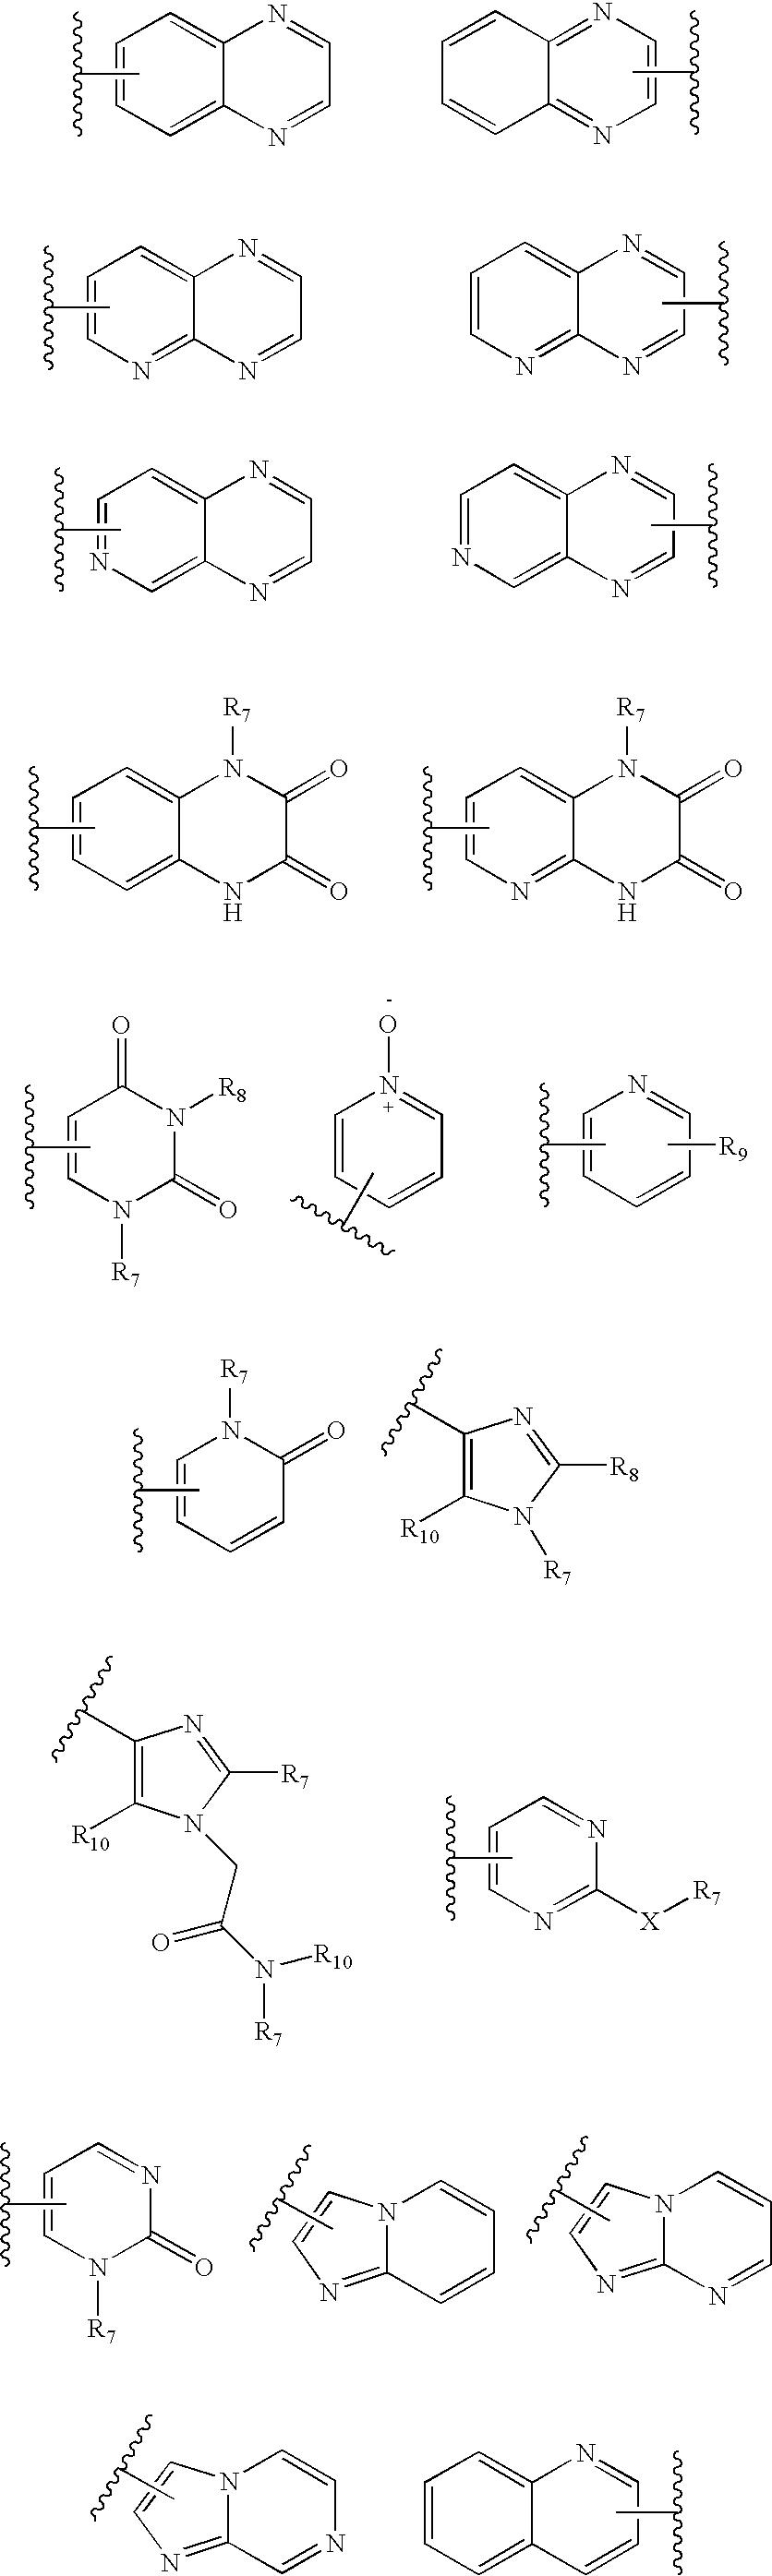 Figure US20060189617A1-20060824-C00002